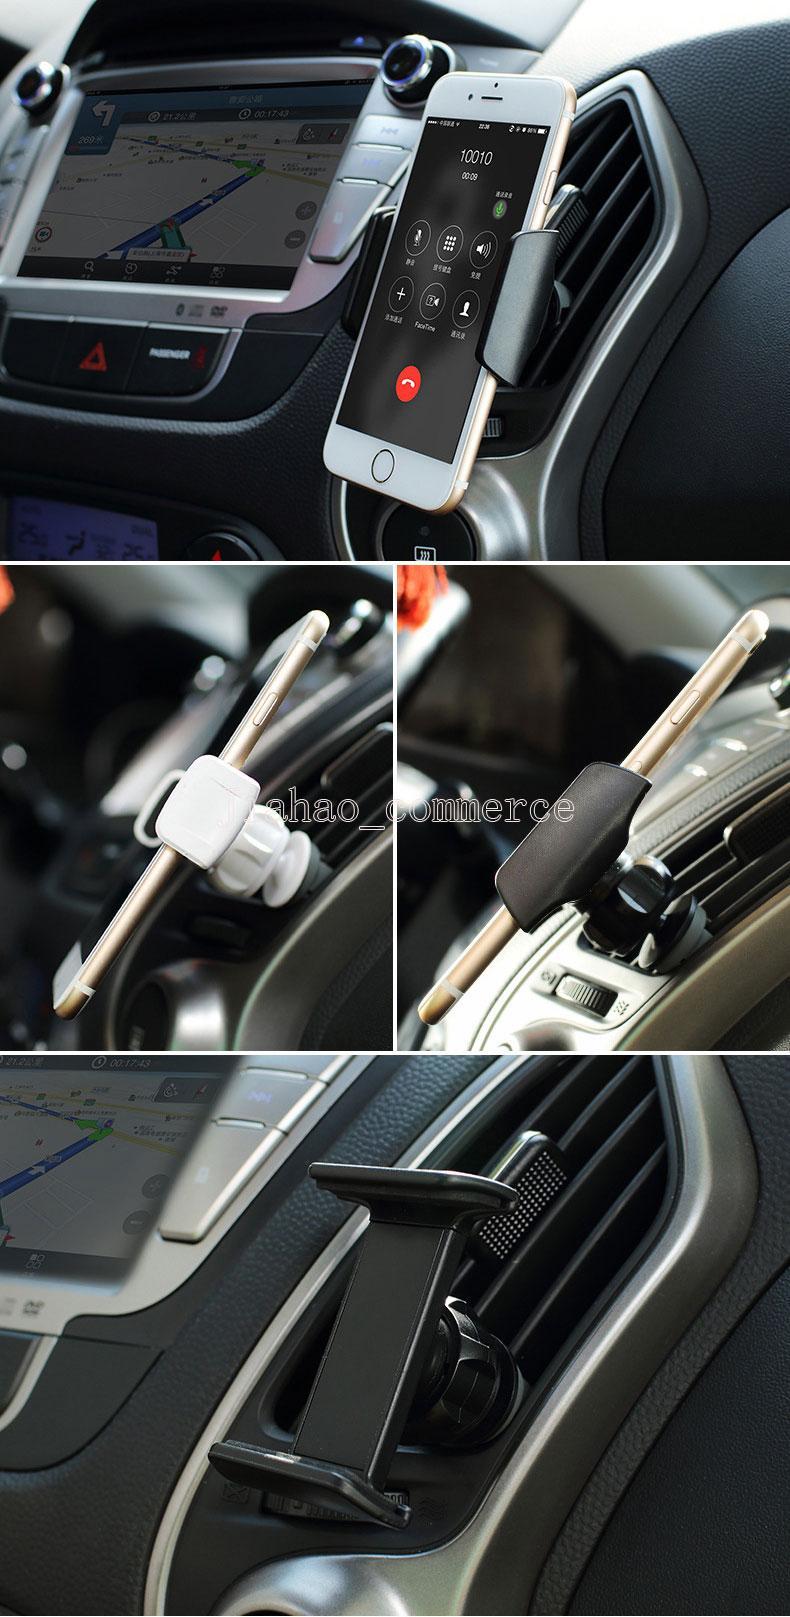 Supporto universale del telefono dello sfiato dell'automobile lo Smart Phone Supporto del supporto di GPS del supporto del telefono conveniente e pratico